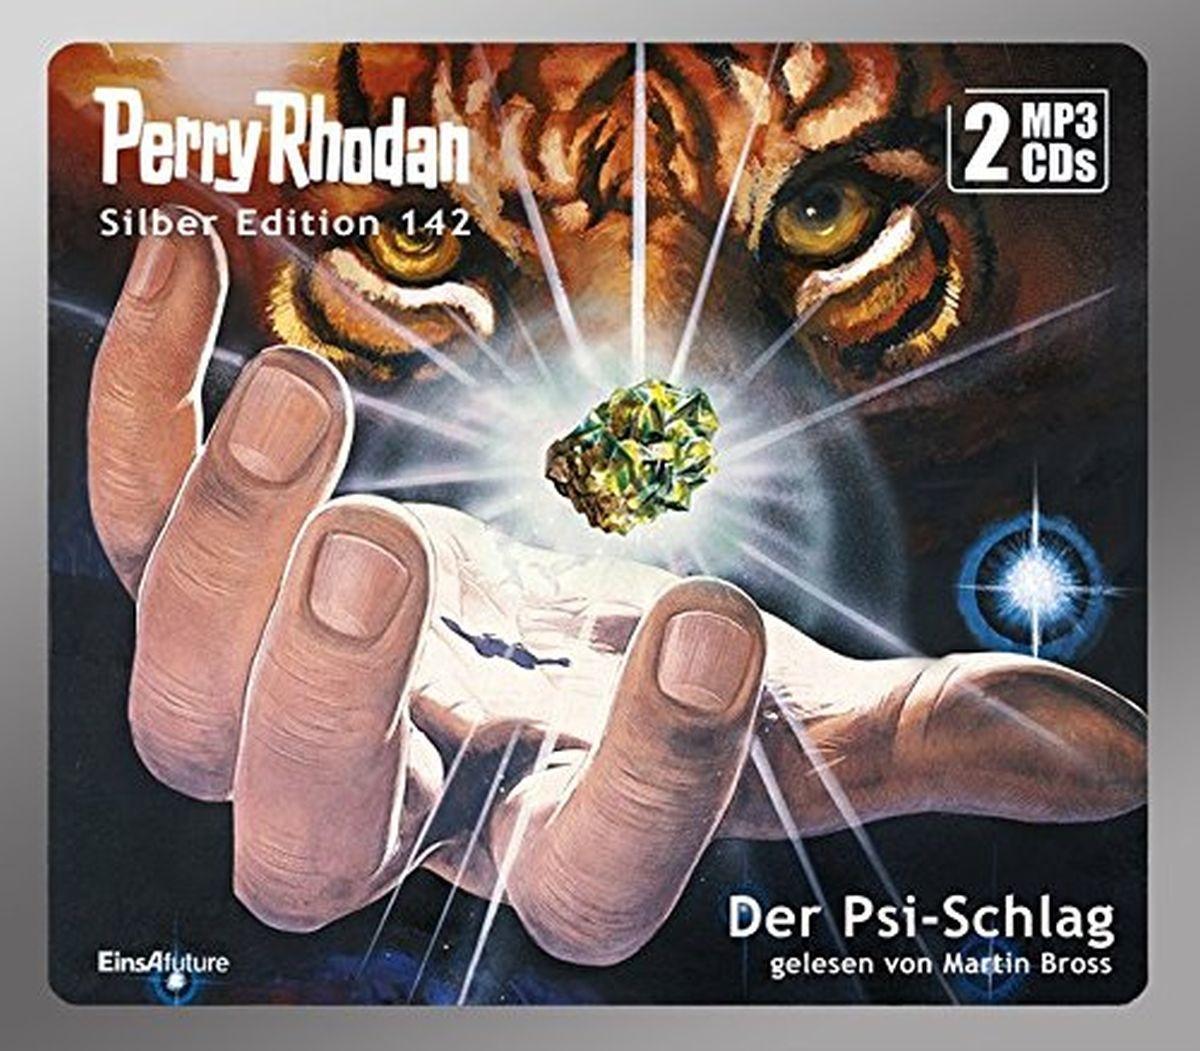 Perry Rhodan Silber Edition 142: Der Psi-Schlag (2 mp3-CDs)